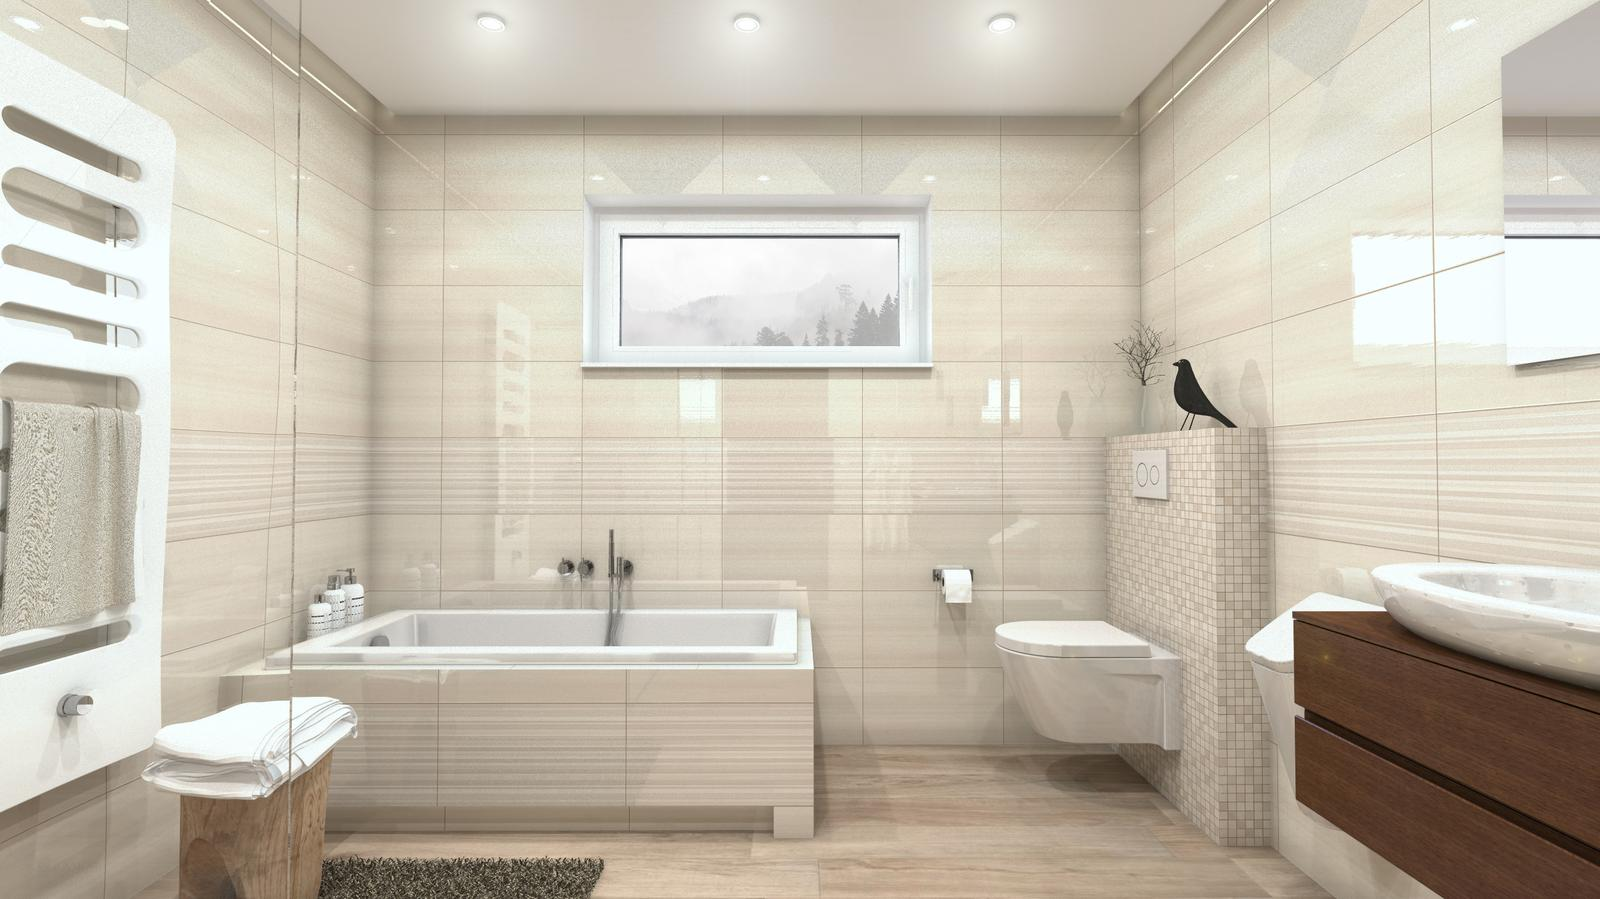 Vizualizácie kúpeľní - Obrázok č. 58